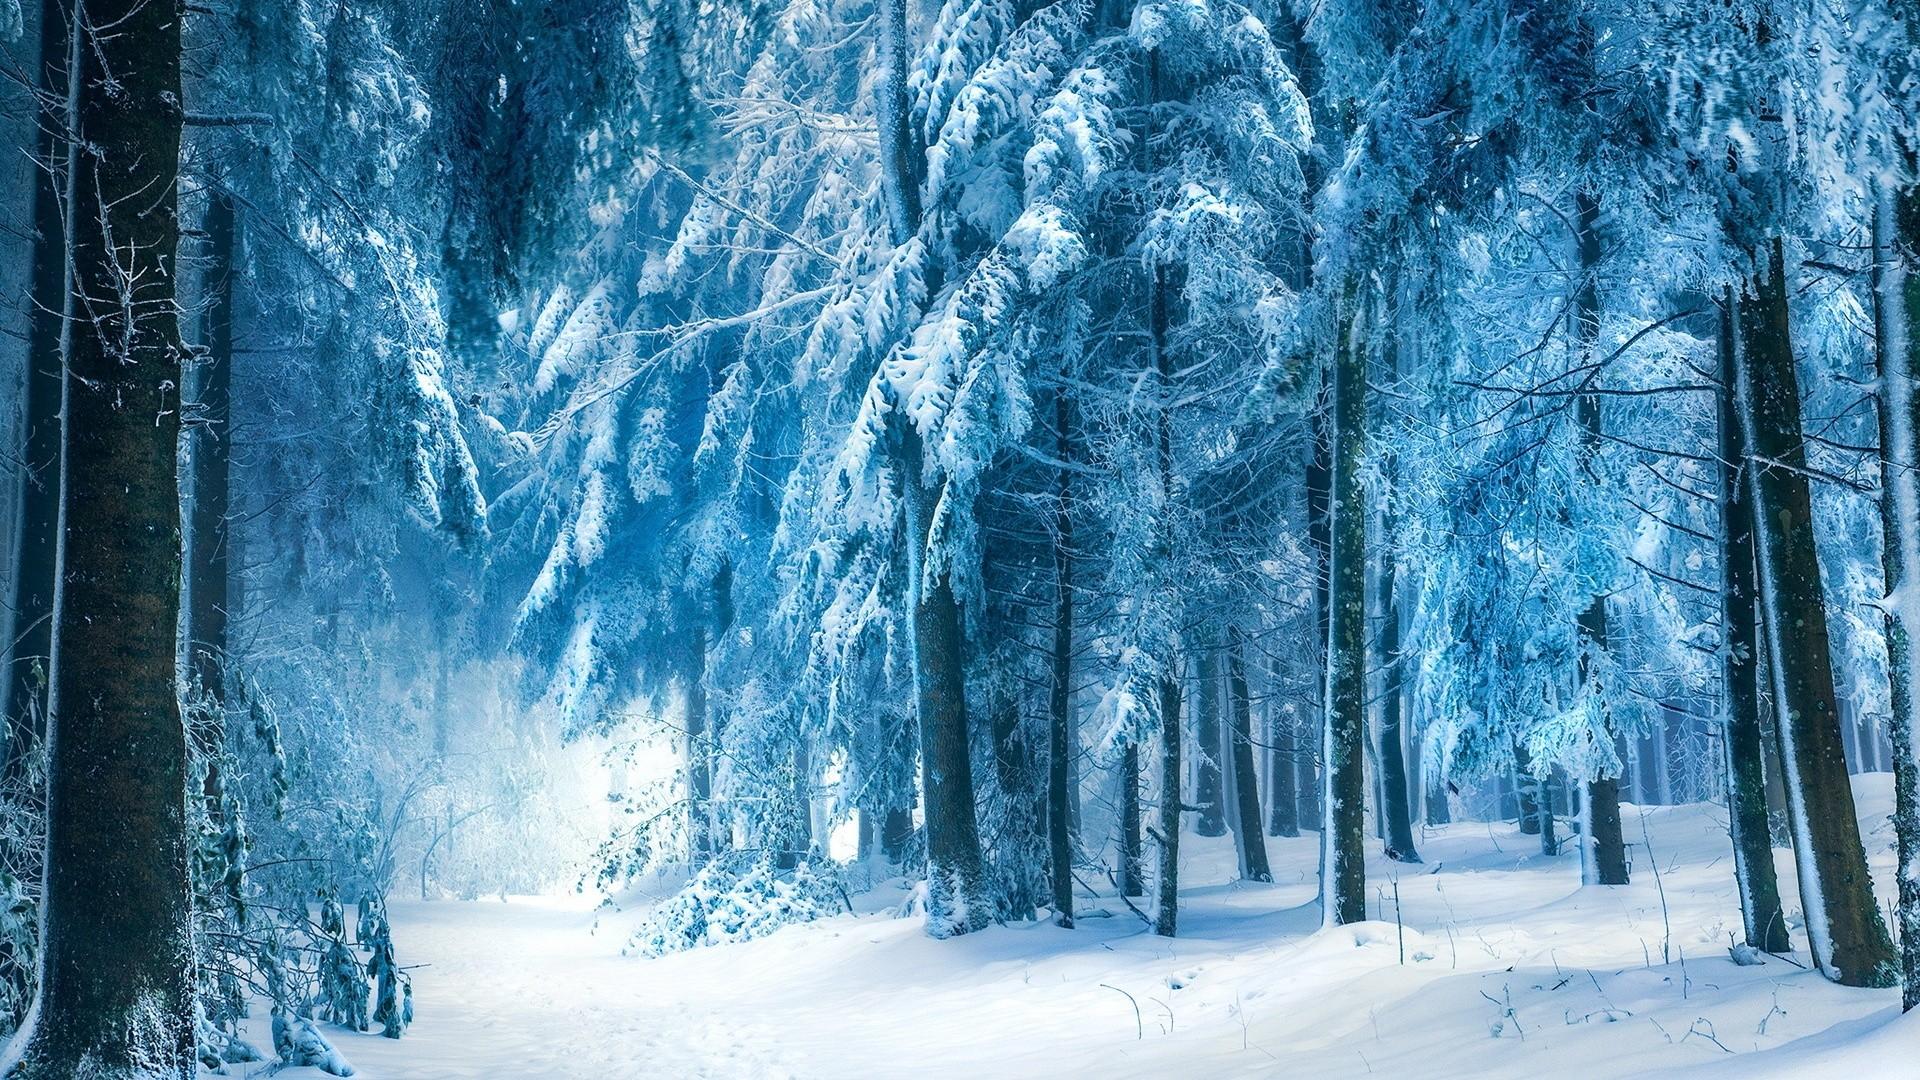 Dark Snowy Forest HD Desktop Wallpaper, Background Image